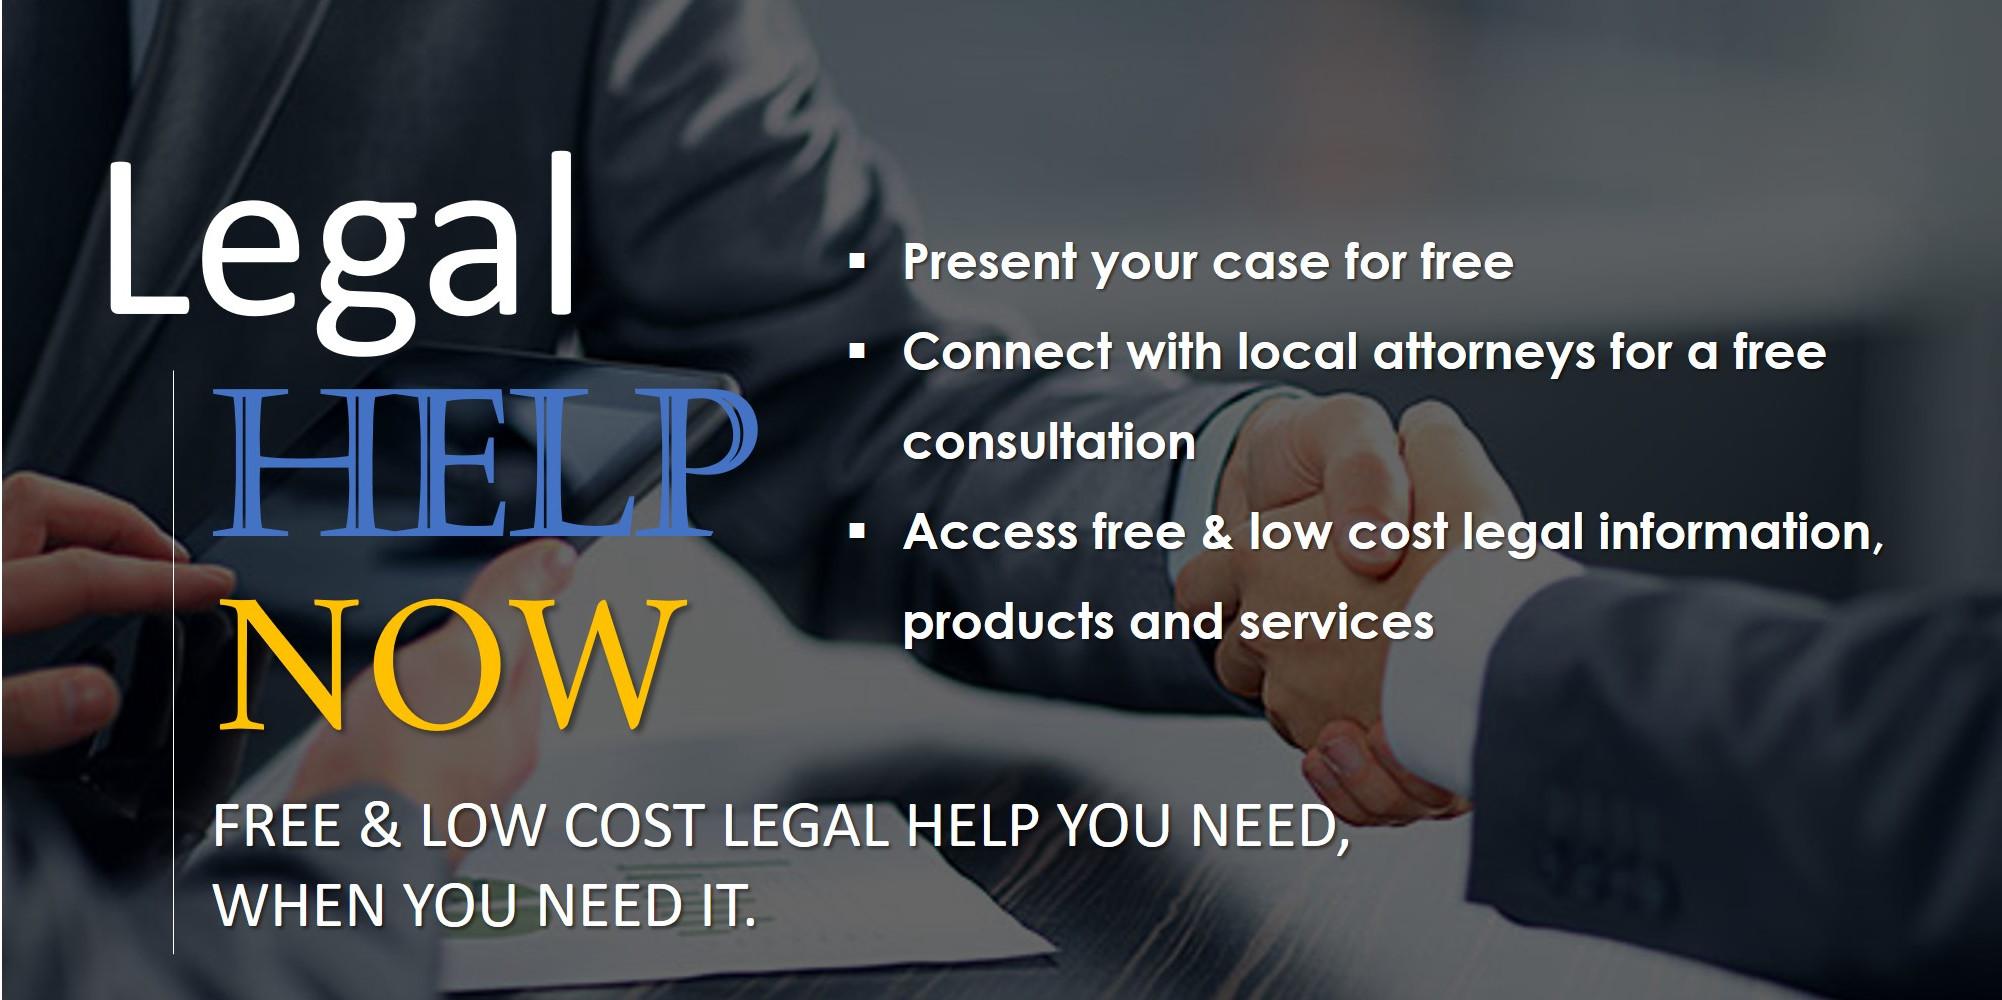 LegalHelpnowBanner5